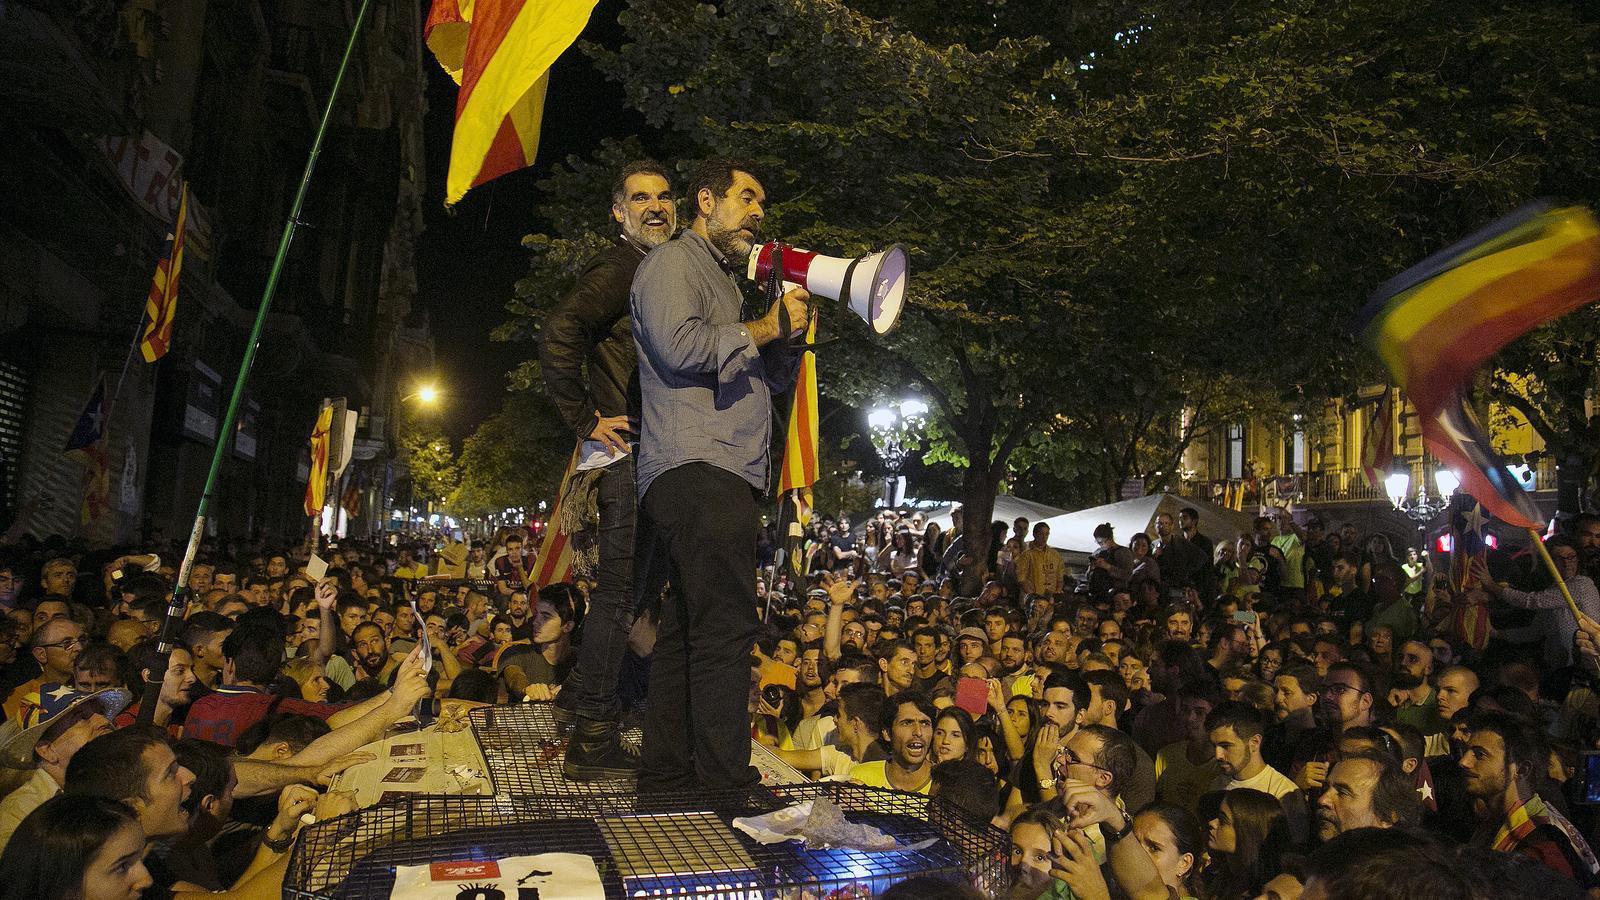 Cuixart i Sànchez van pujar a sobre el cotxe per desconvocar la mobilització davant el Departament d'Economia, el 20 de setembre del 2017.